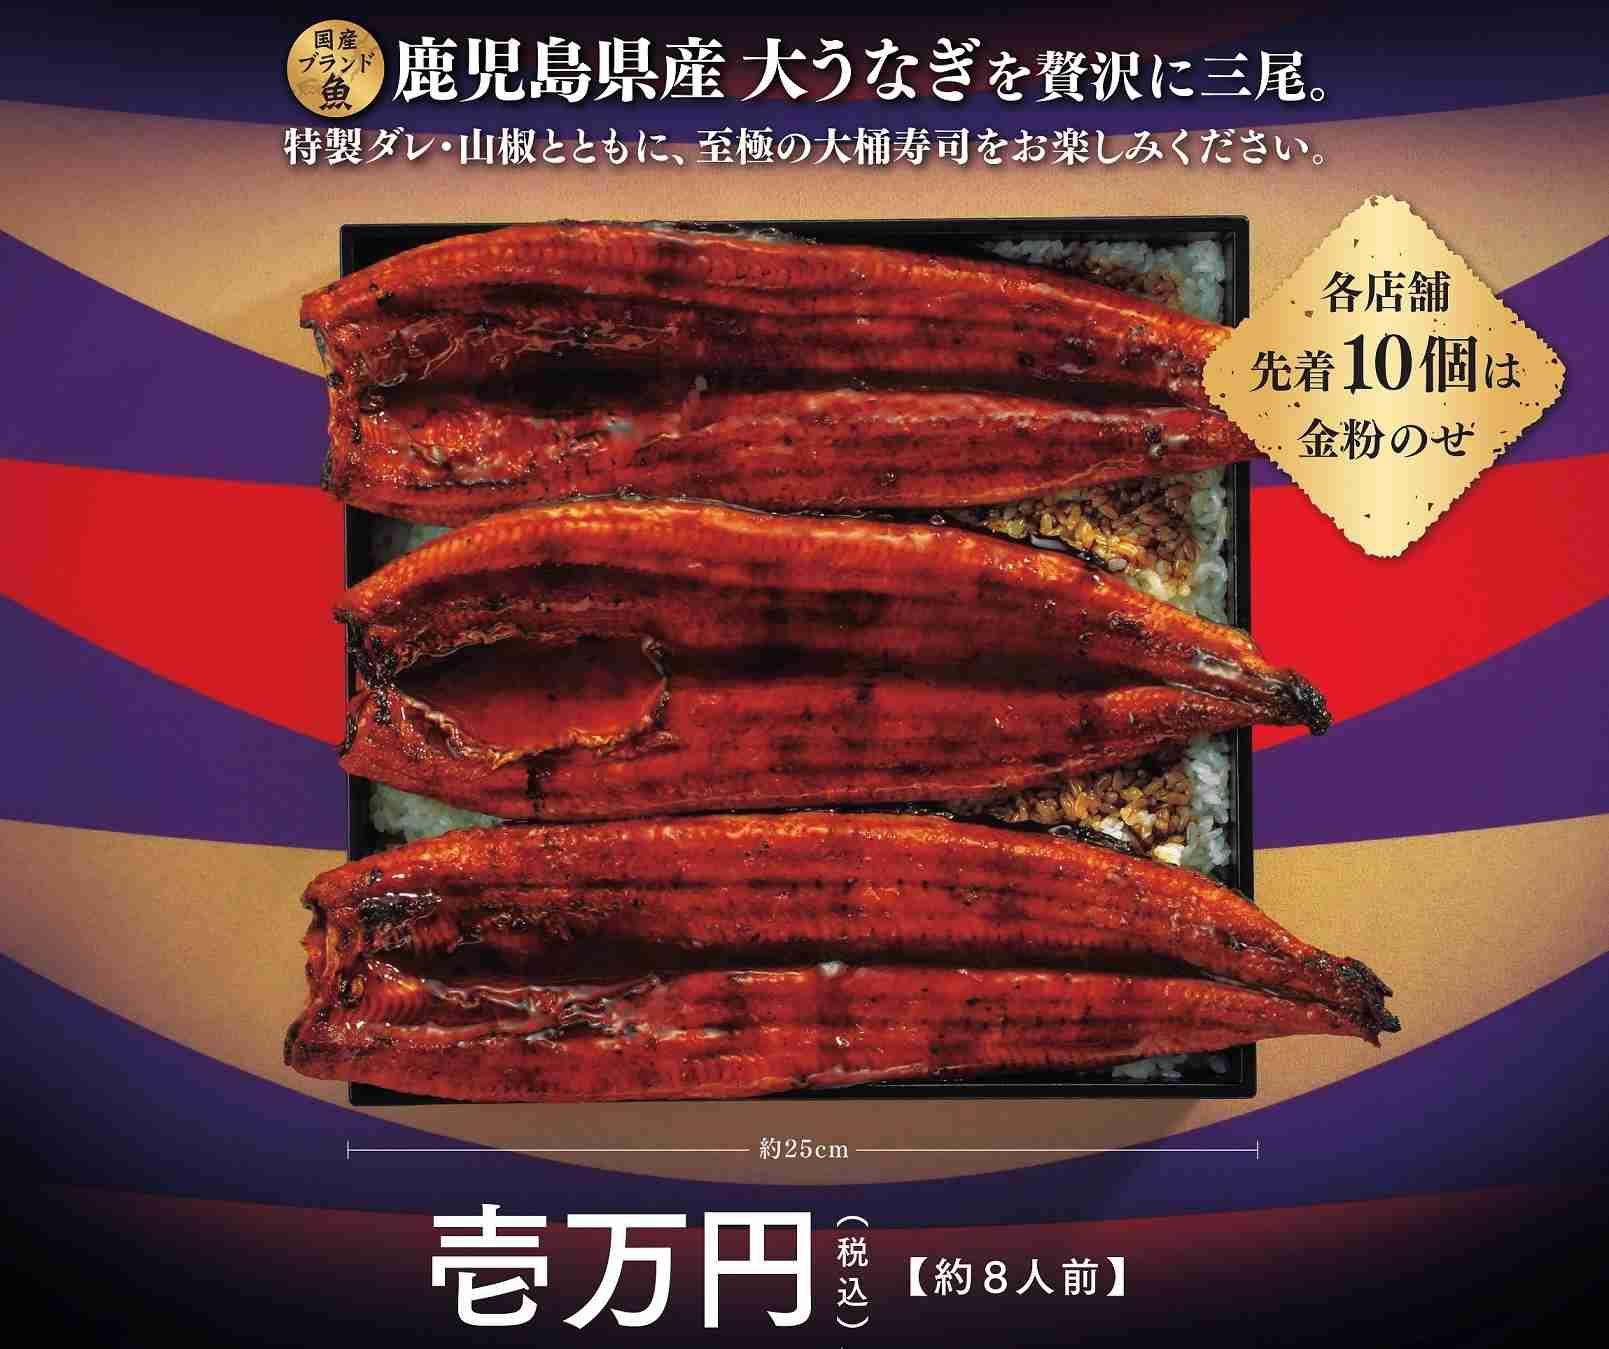 【心配】生まれ変わったかっぱ寿司さん、はりきって1万円のうな重を発売へ | ロケットニュース24